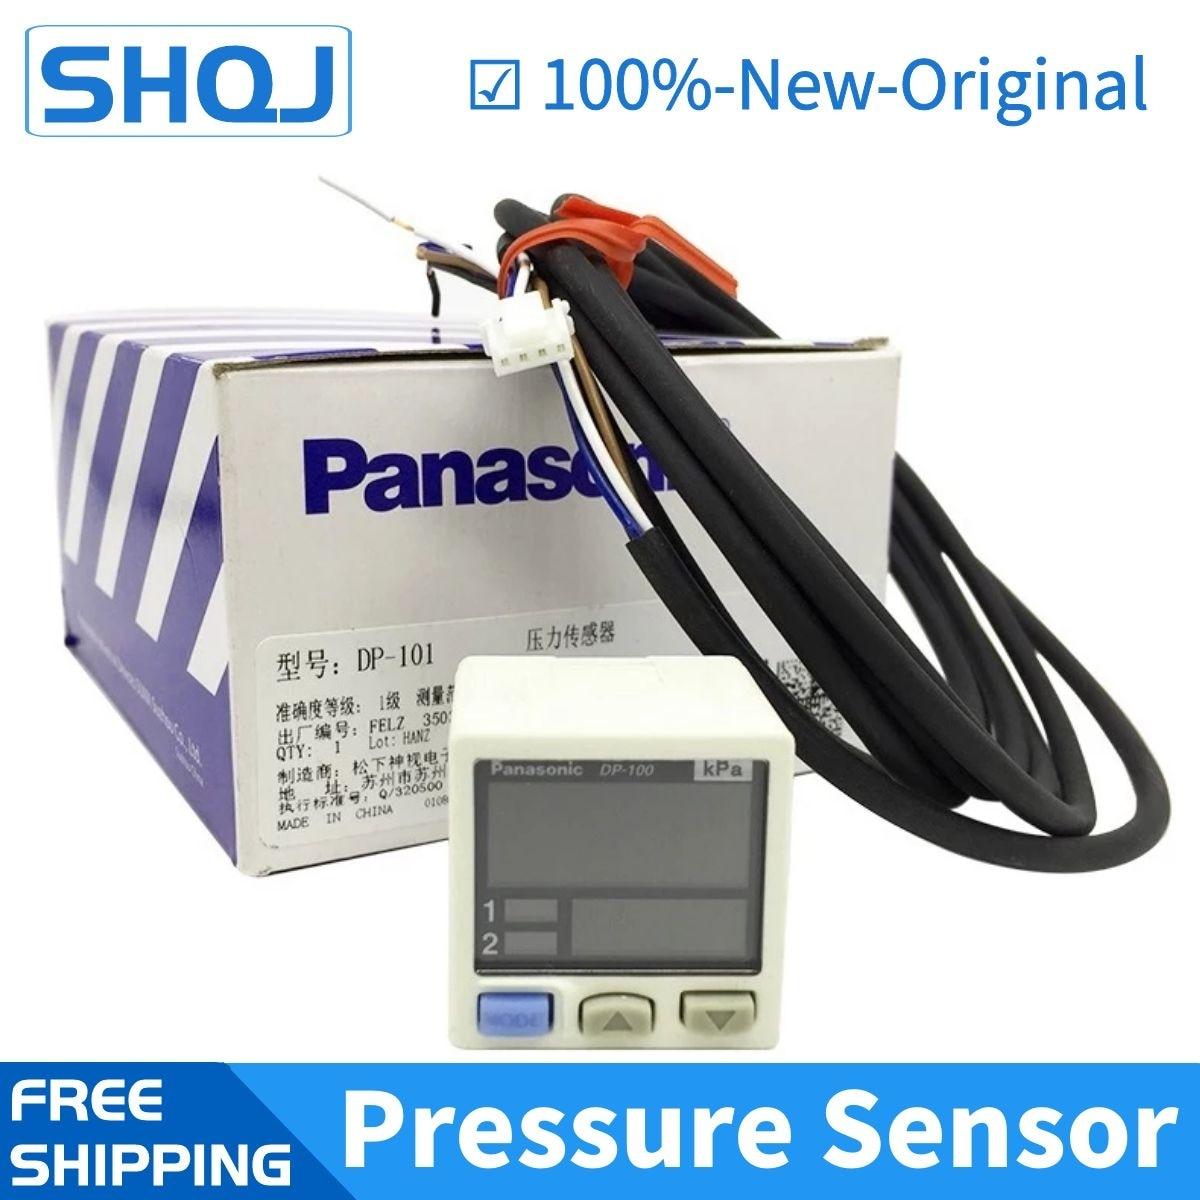 DP-101 102/101A/102A/011/012 NPN الرقمية فراغ الضغط السلبي الاستشعار تحكم الضغط-100 إلى + 100 كبا 100% جديد وأصلي